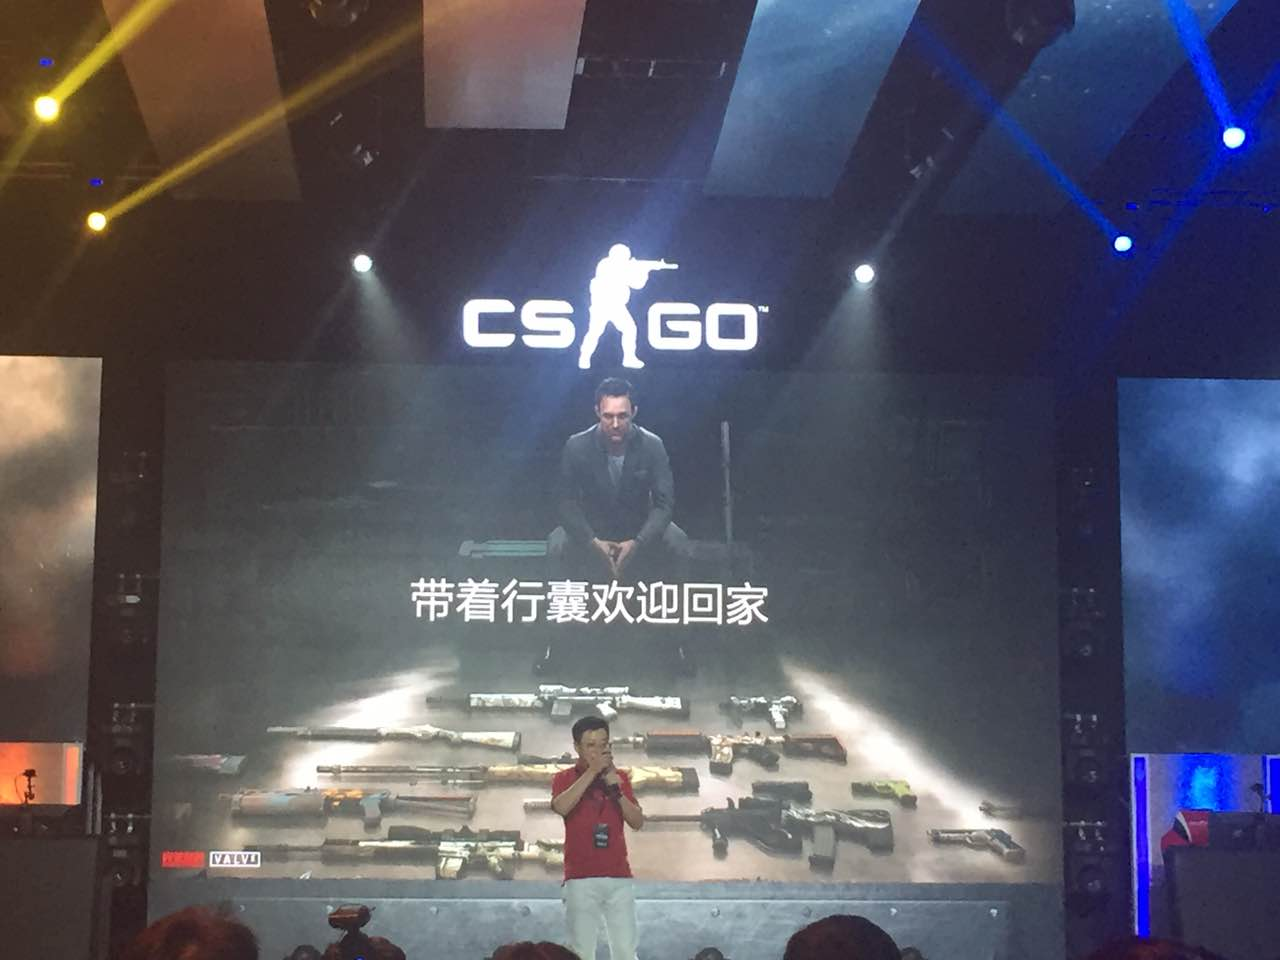 CS:GO国服4月18日首测 推出三网同服荣耀用户等新功能